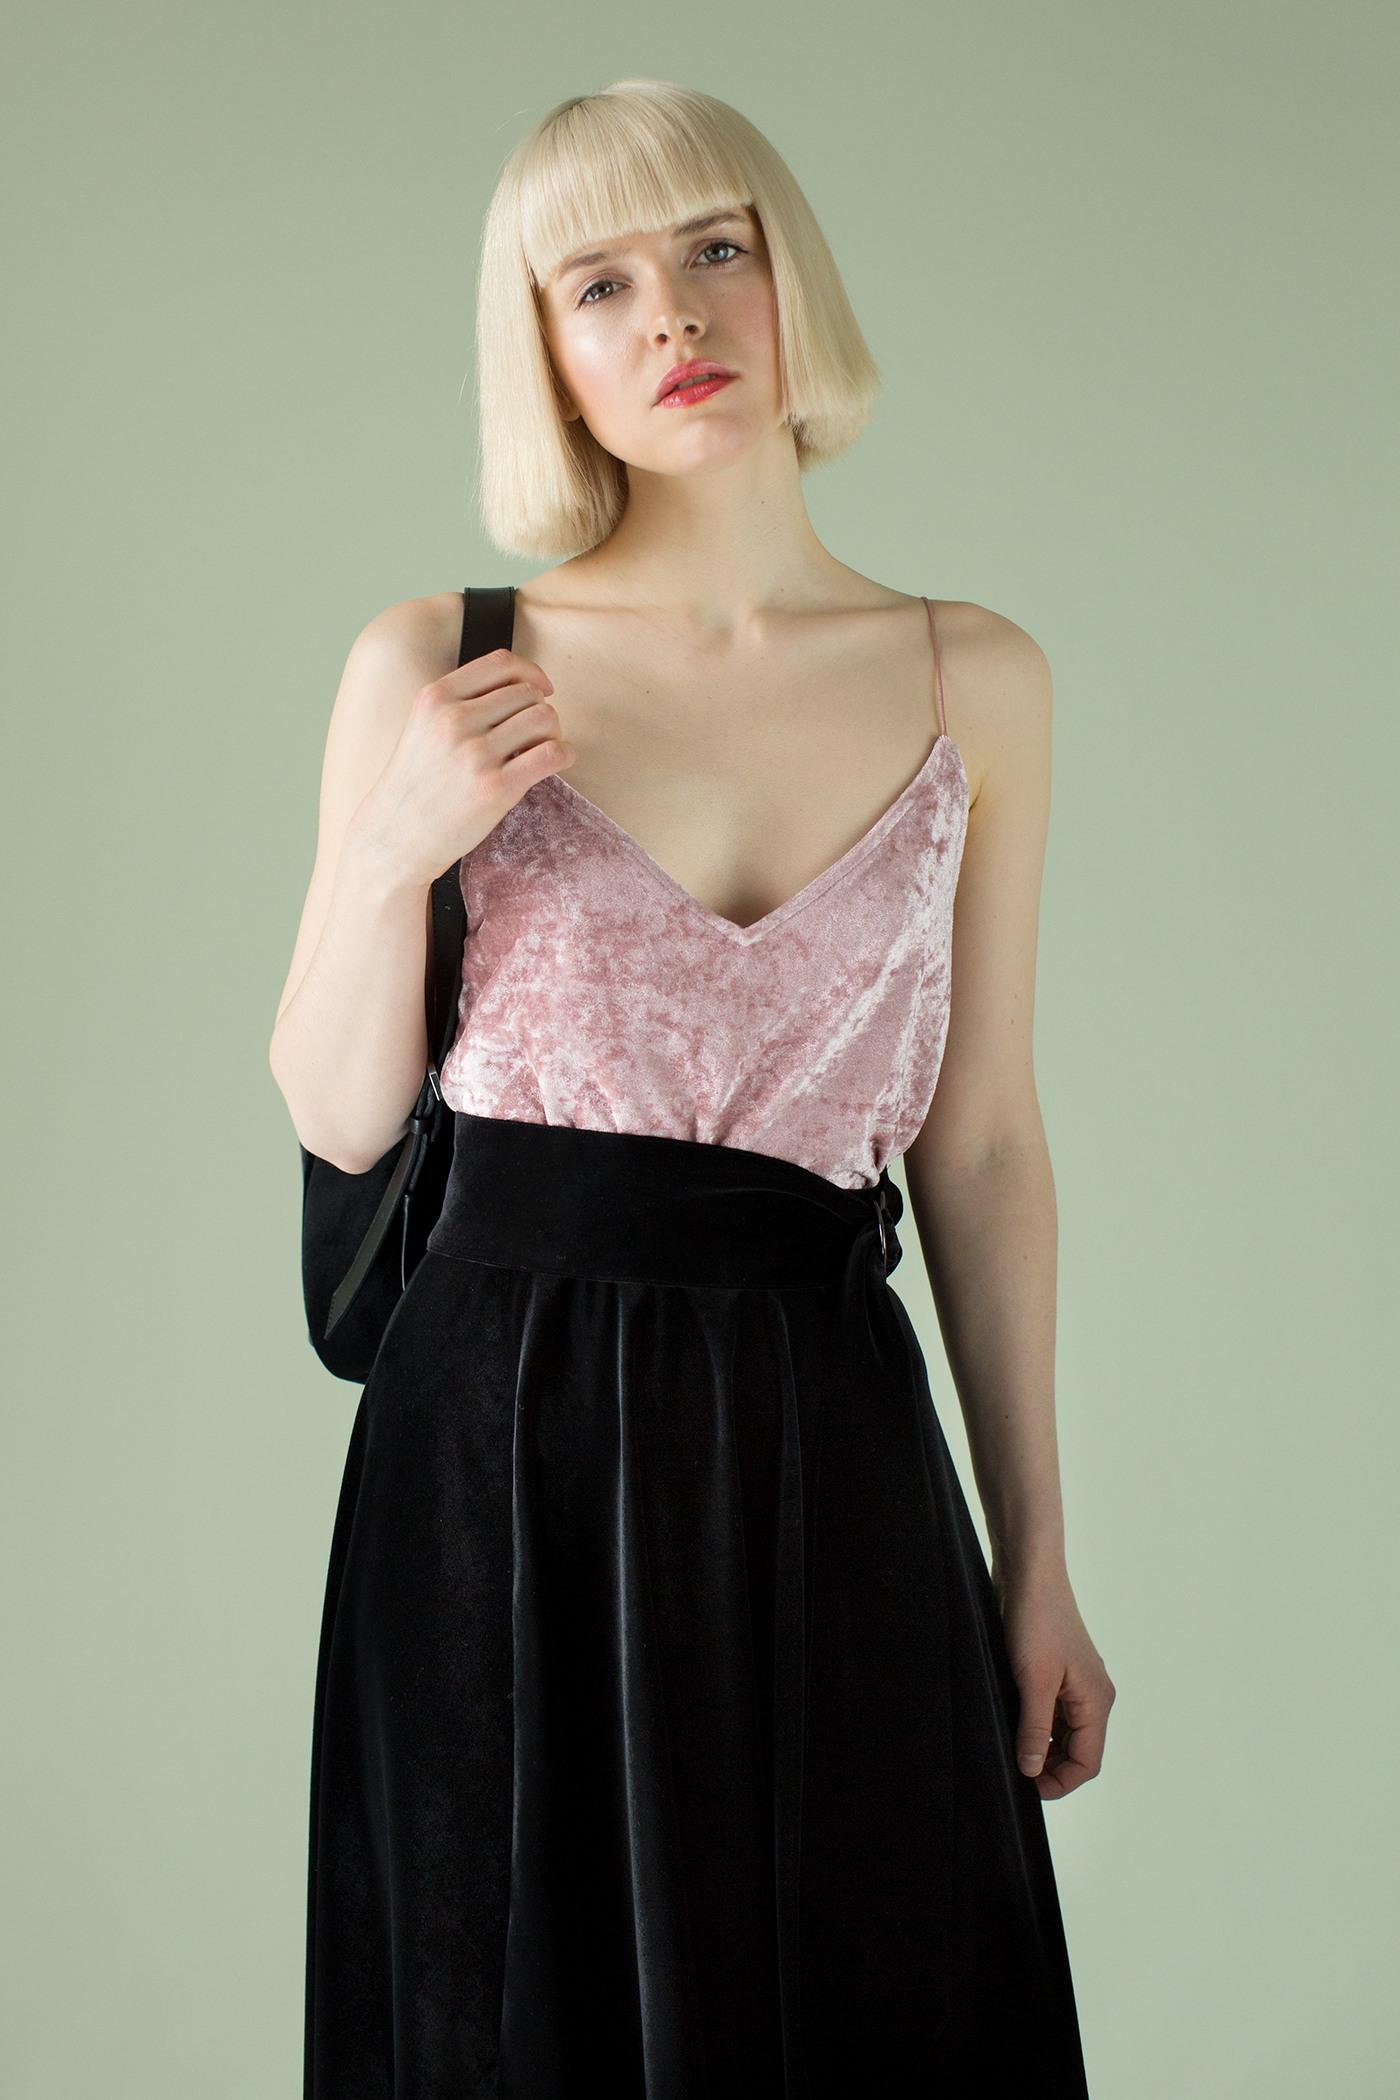 Юбка из черного бархатаСтруящаяся юбка из черного бархата.&#13;<br>&#13;<br>&#13;<br>силуэт полусолнце&#13;<br>&#13;<br>юбка на притачном поясе, в который вставлена эластичная лента для лучшего прилегания по талии.&#13;<br>&#13;<br>ширина притачного пояса – 5 см.&#13;<br>&#13;<br>открытый срез по низу изделия .&#13;<br>&#13;<br>в комплекте съемный пояс на двух металлических кольцах. Юбку можно носить как с ним, так и без него.&#13;<br>&#13;<br>&#13;<br> &#13;<br>&#13;<br>Длина изделия на рост 158-164 см - 64 см; на рост 164-170 см - 66,5 см; на рост 170-176 см - 69см.<br><br>Цвет: Черный<br>Размер: XS, S, M, L<br>Ростовка: 158 -164, 164 -170, 170 -176